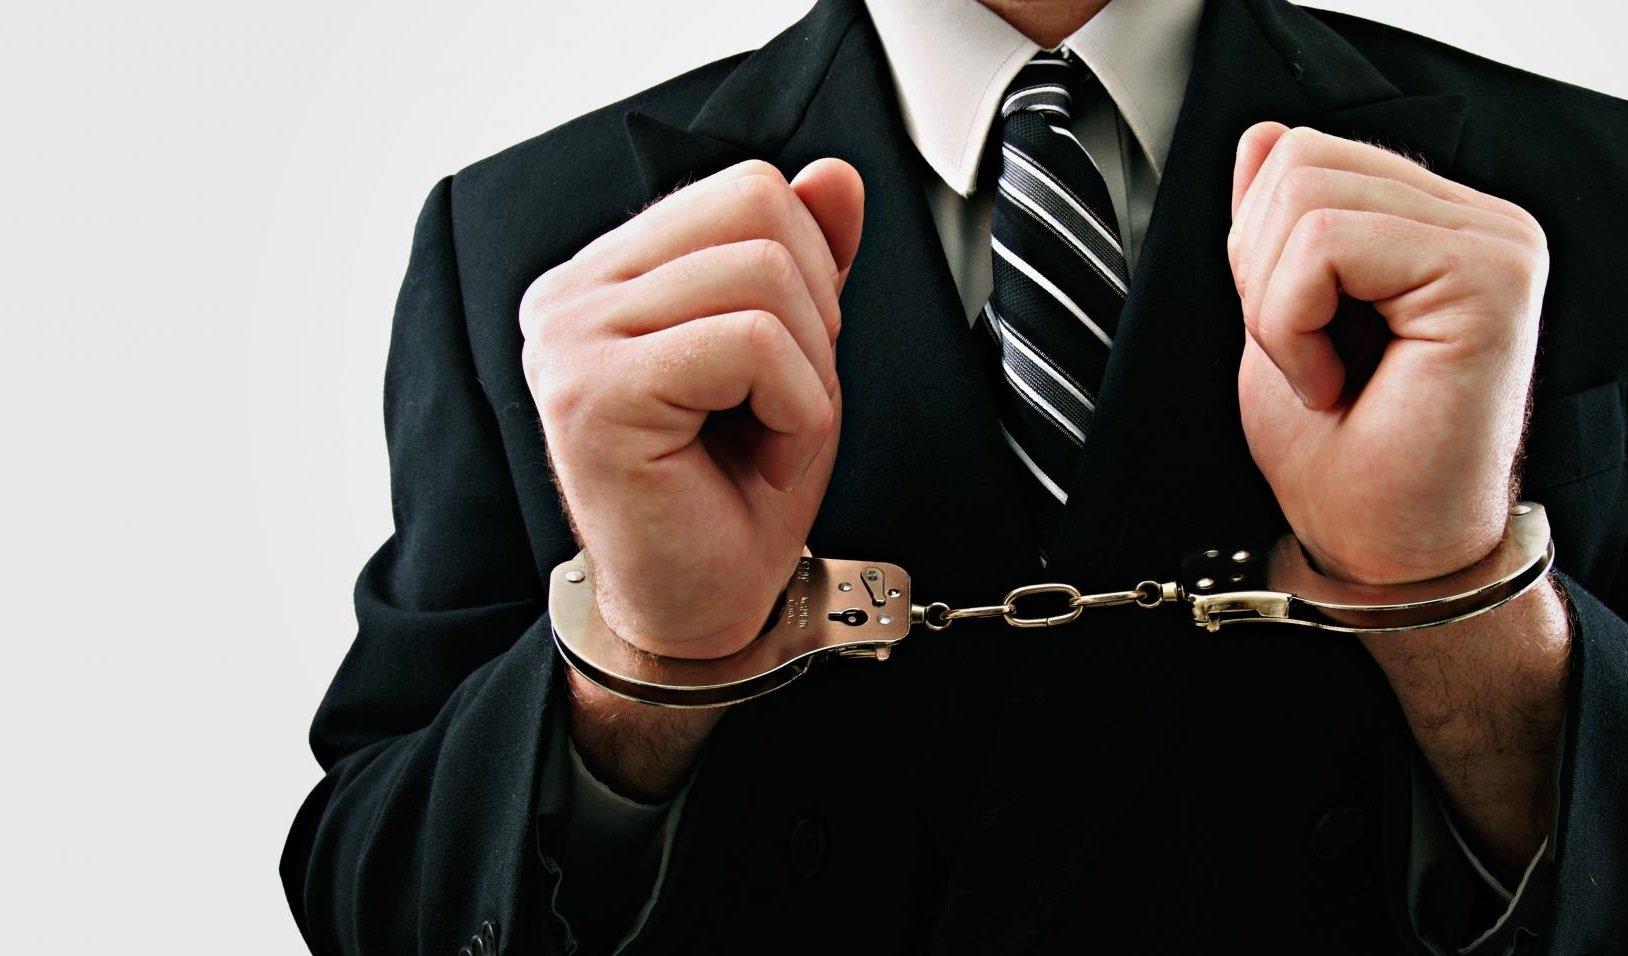 O advogado criminalista frente à acusação de desacato